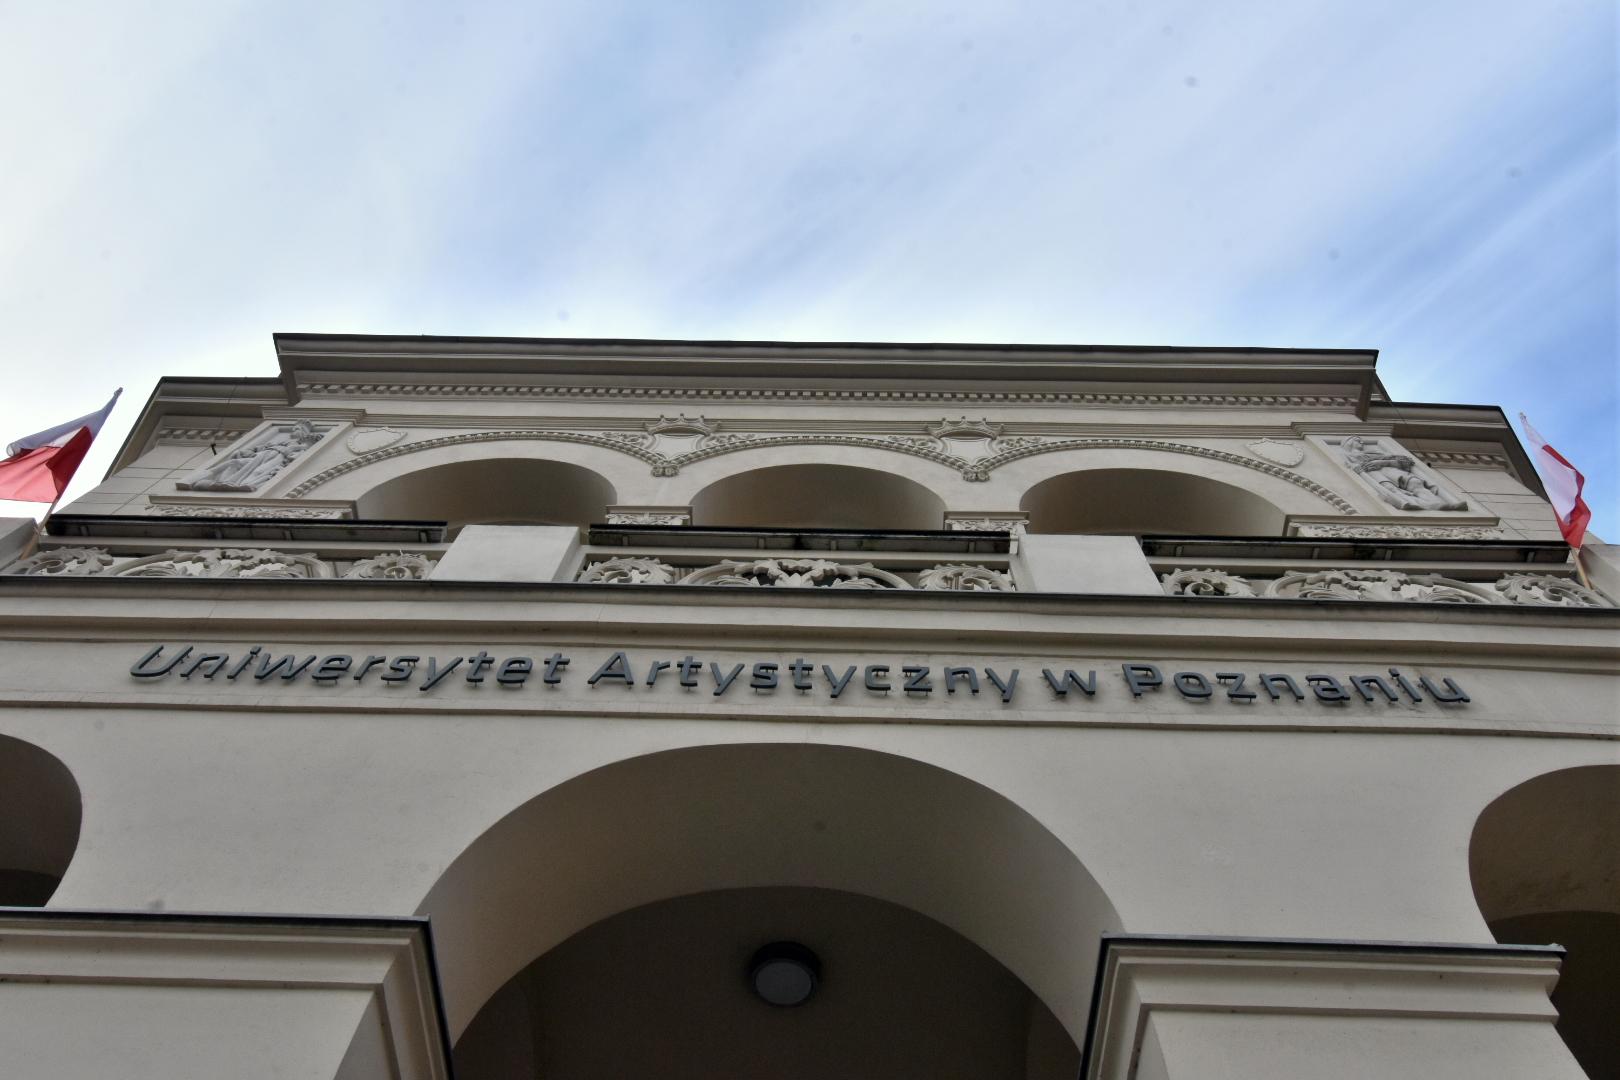 uniwersytet artystyczny w poznaniu UAP - Wojtek Wardejn